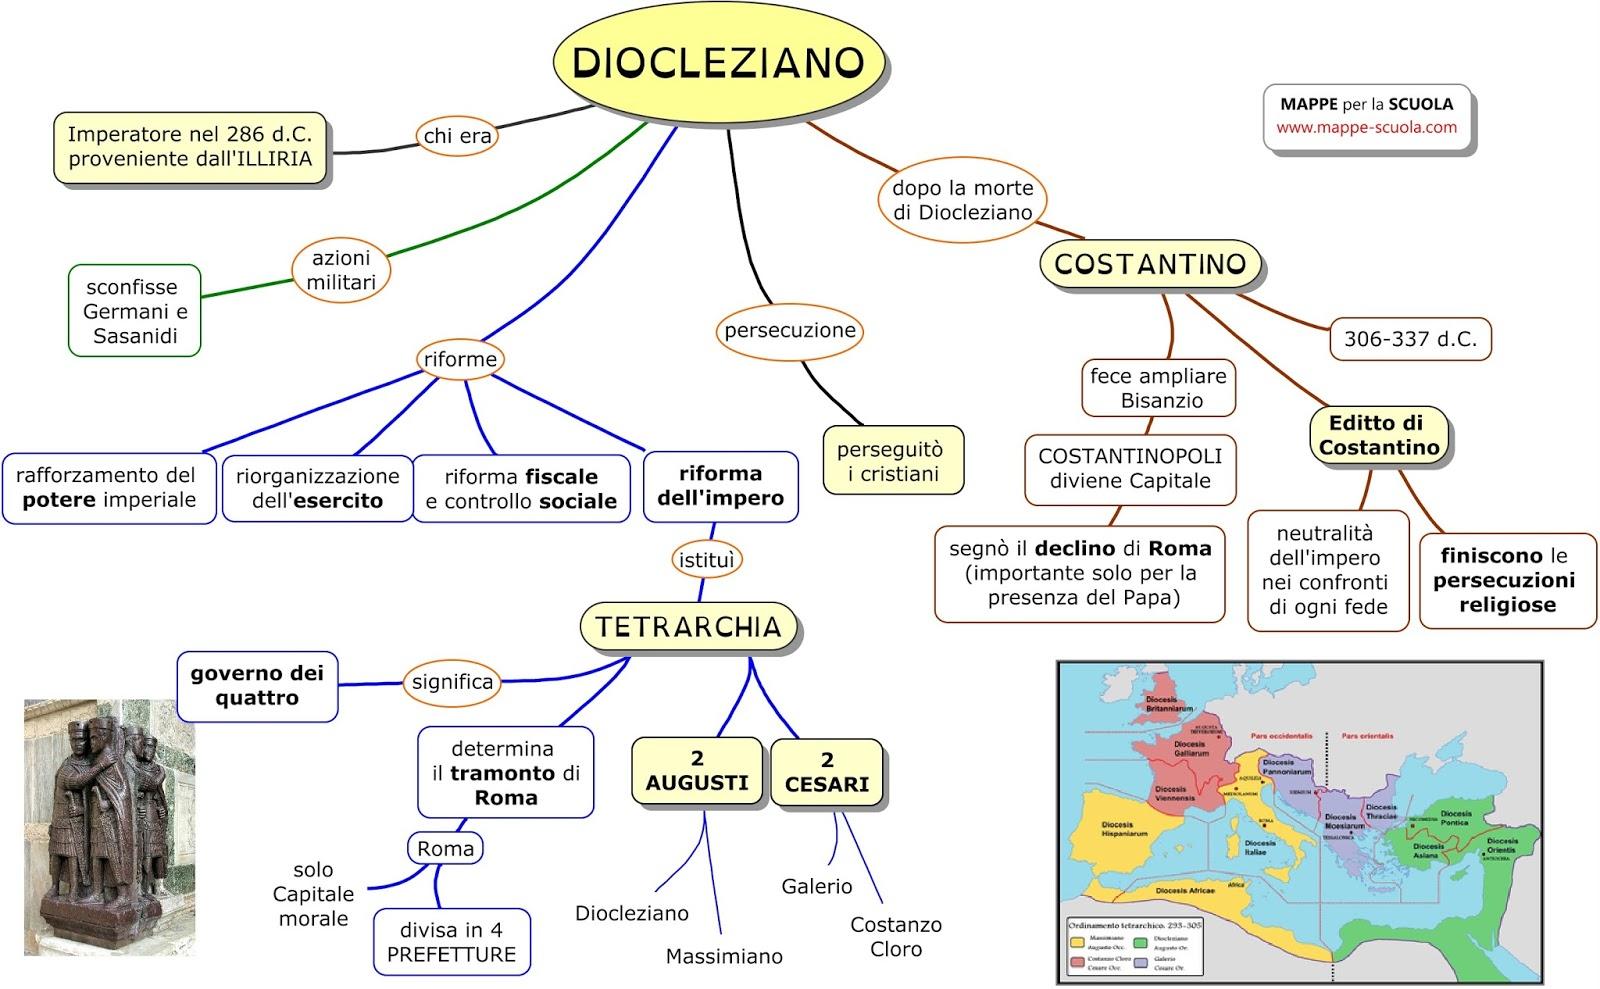 Costantino e Diocleziano